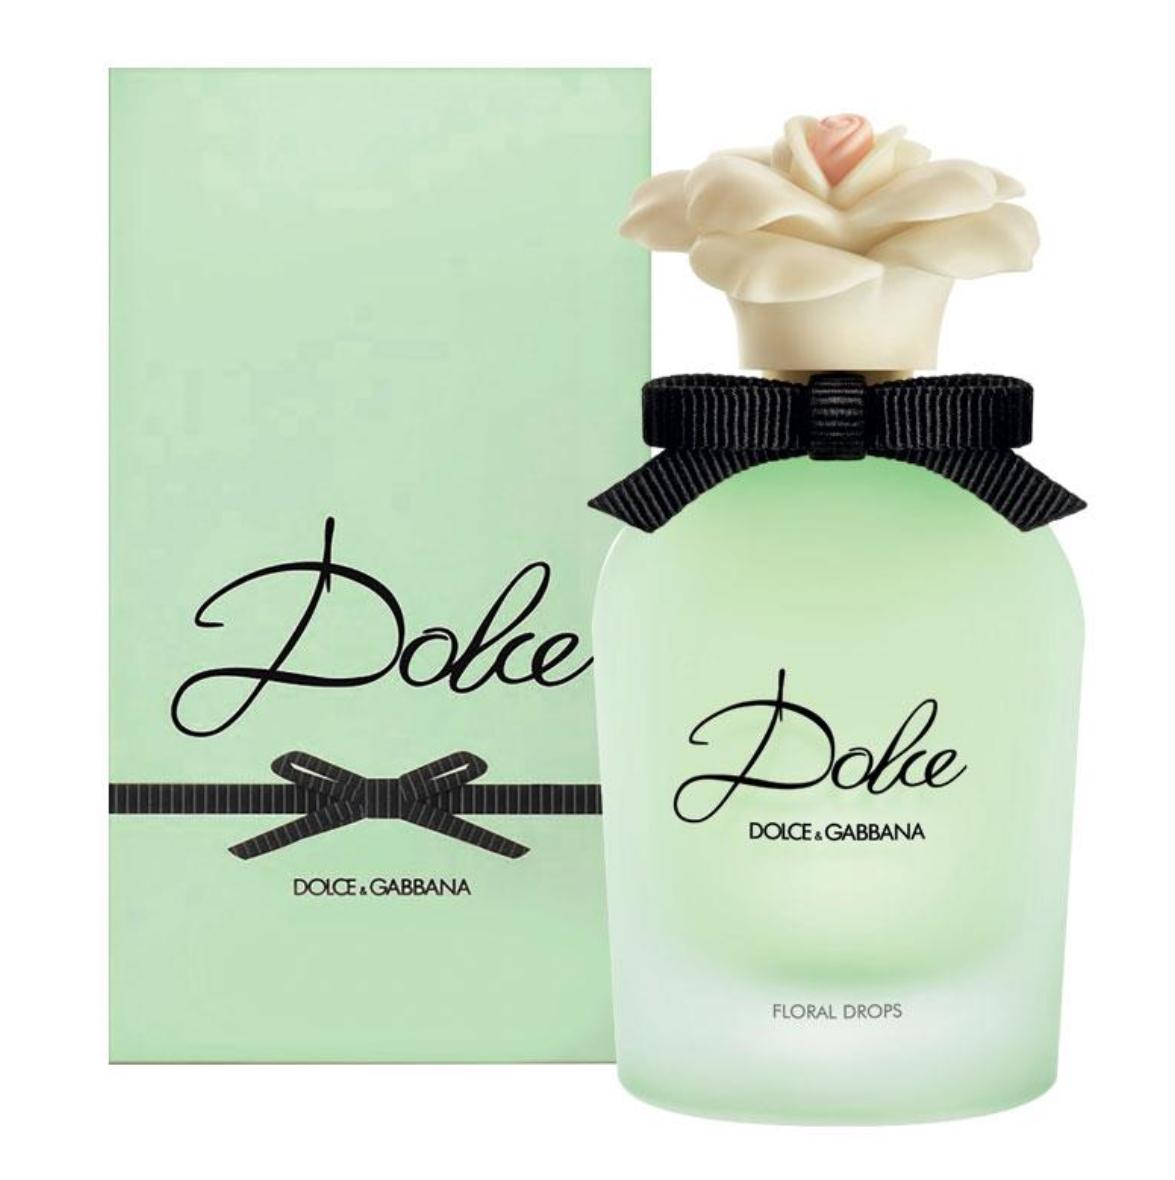 Dolce & Gabbana -  Dolce Floral Drops - eau de toilette